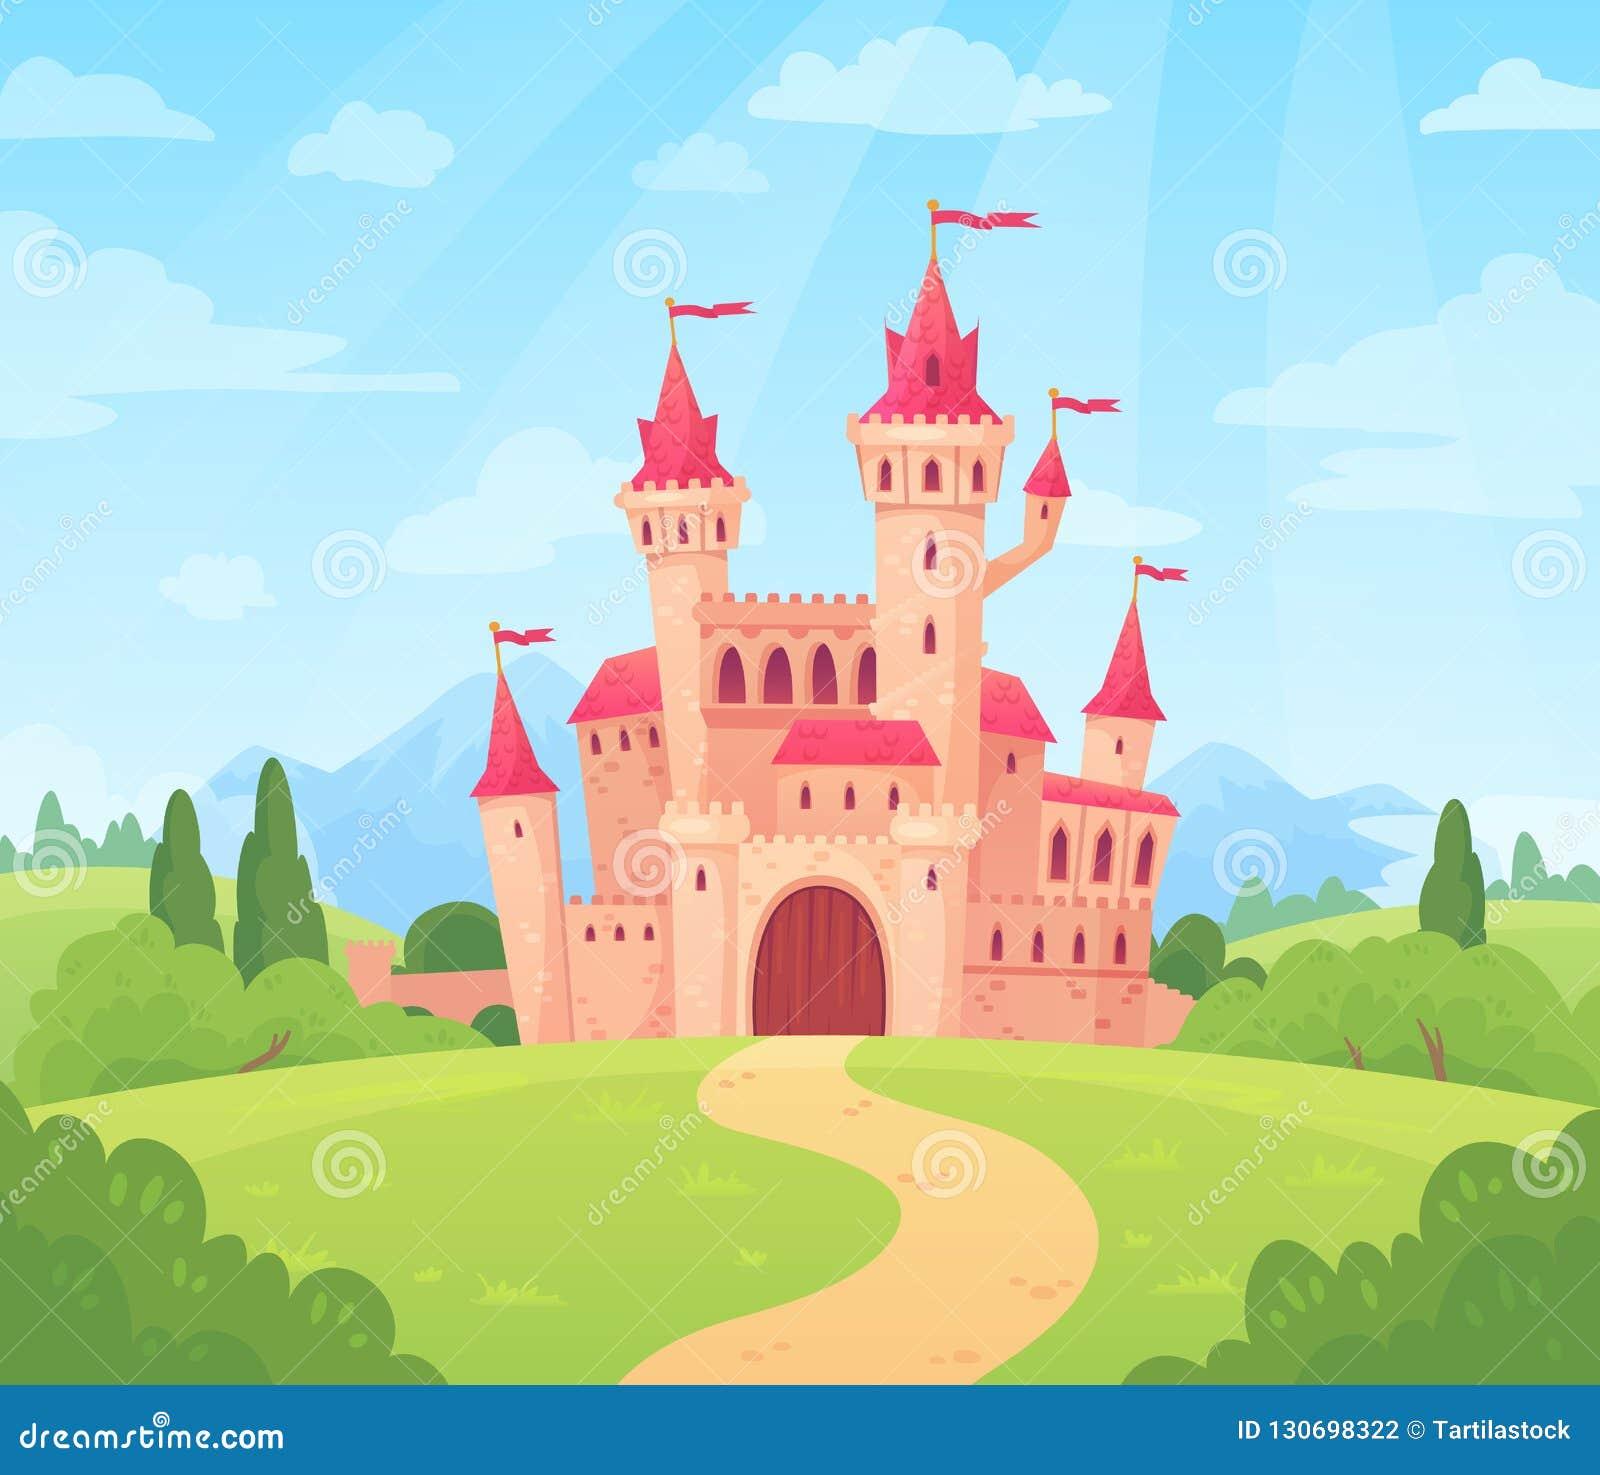 Bajka krajobraz z kasztelem Fantazja pałac wierza, fantastyczny czarodziejka dom lub magia, roszujemy królestwo kreskówki wektor